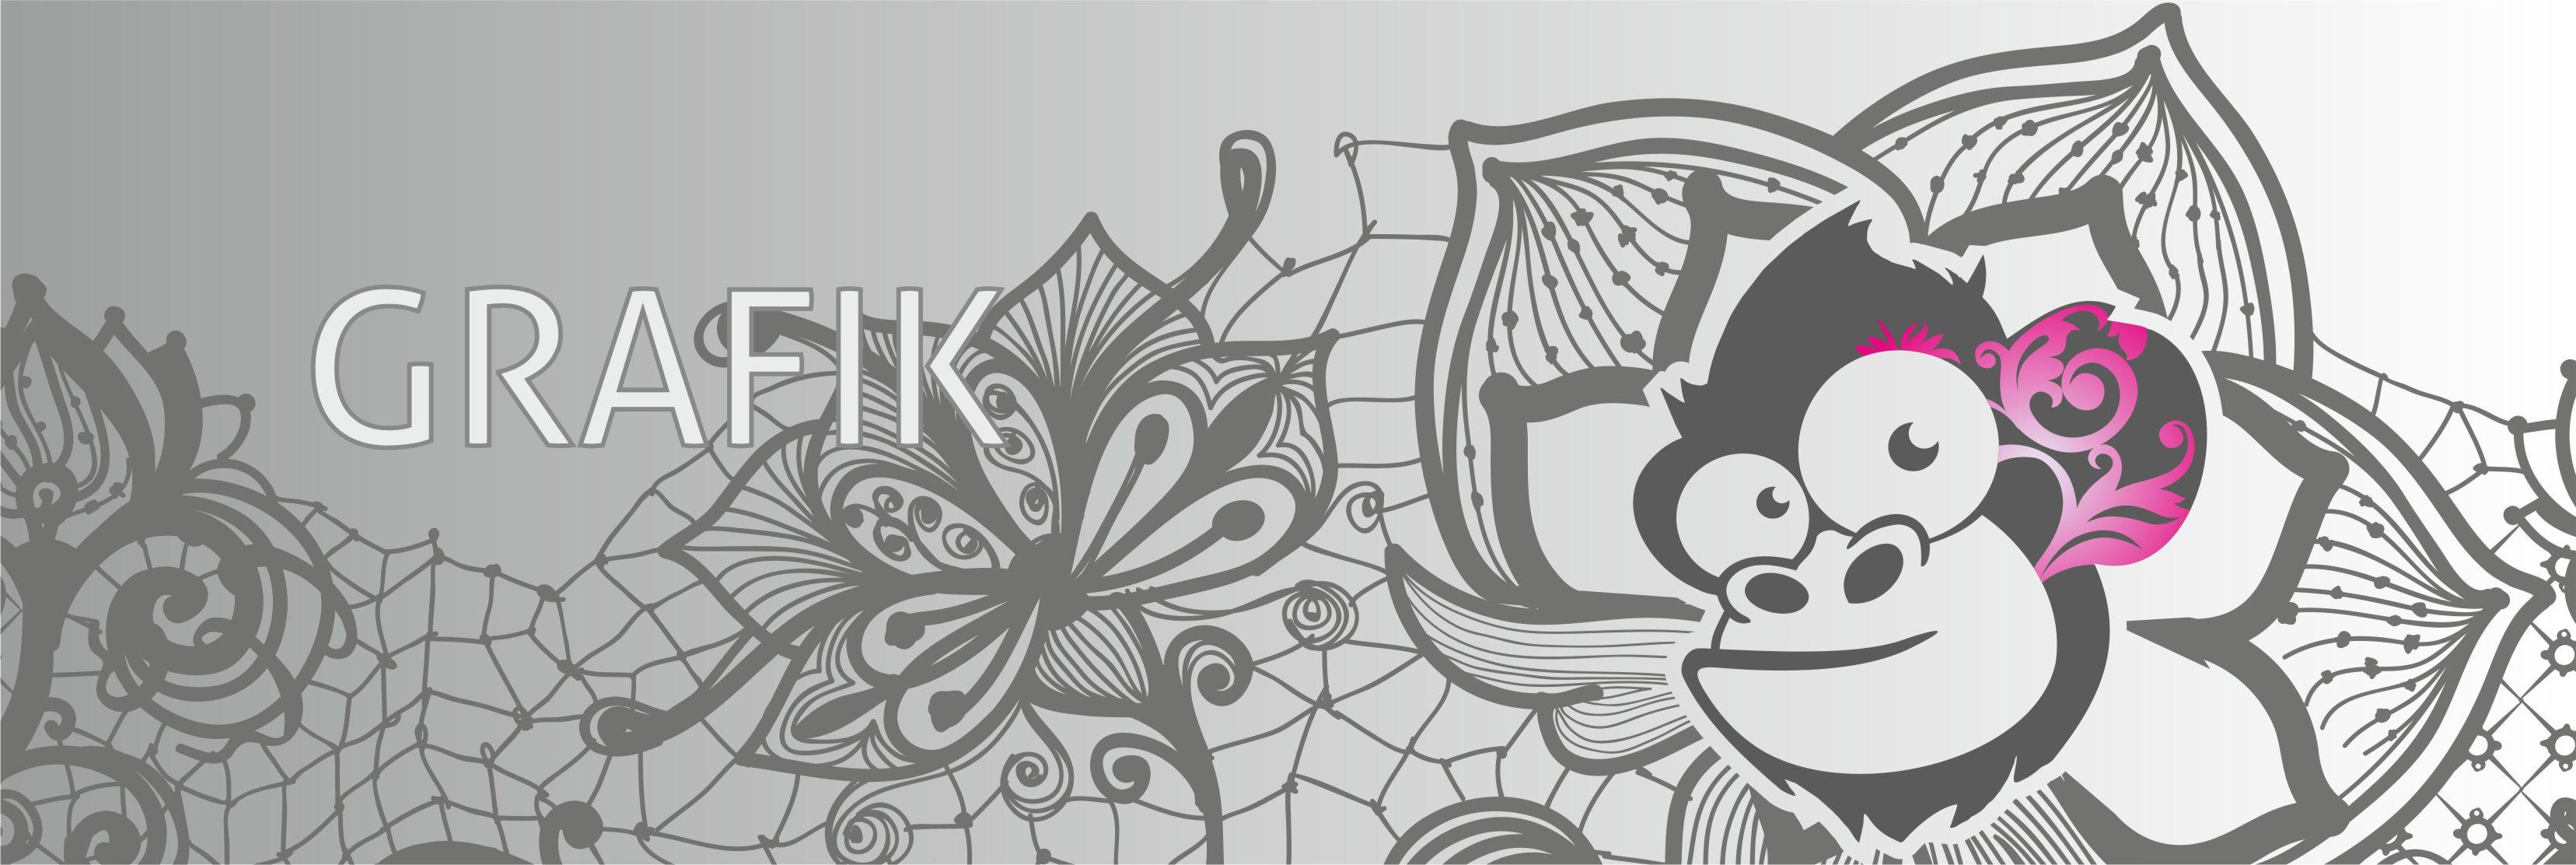 Berrymarry design drucken sticken anders ticken for Weiterbildung grafikdesign